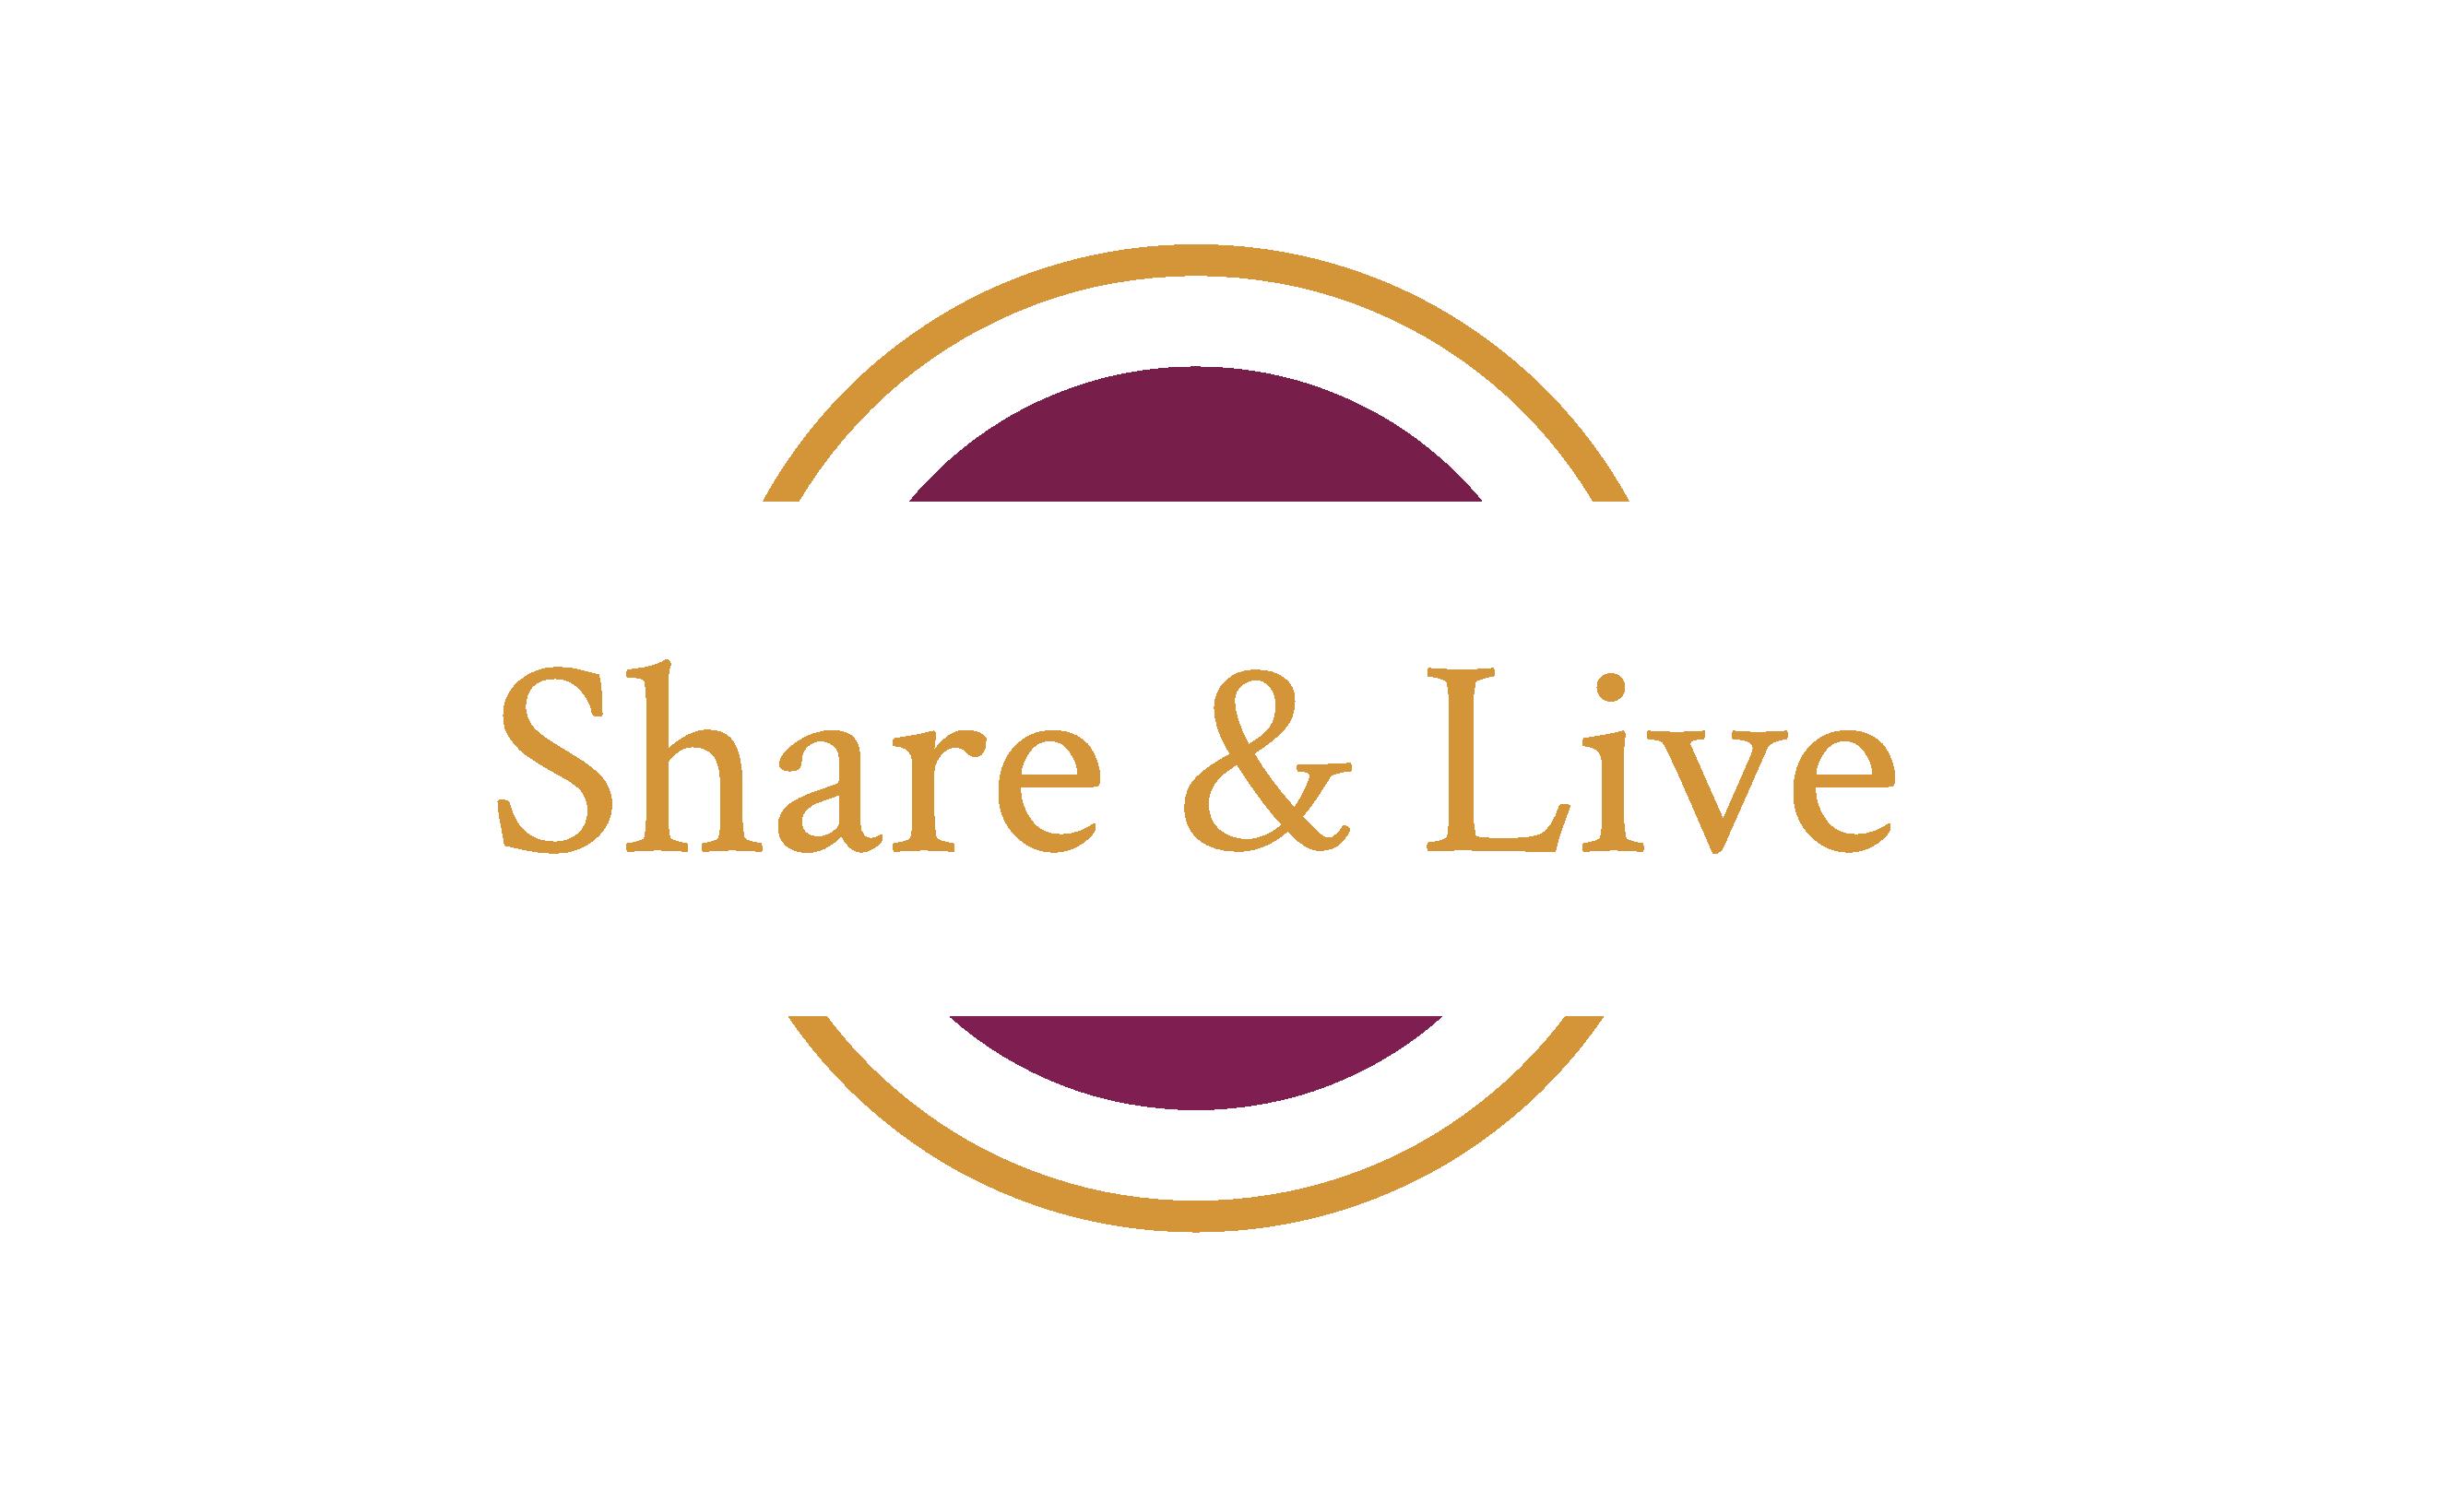 Share & Live